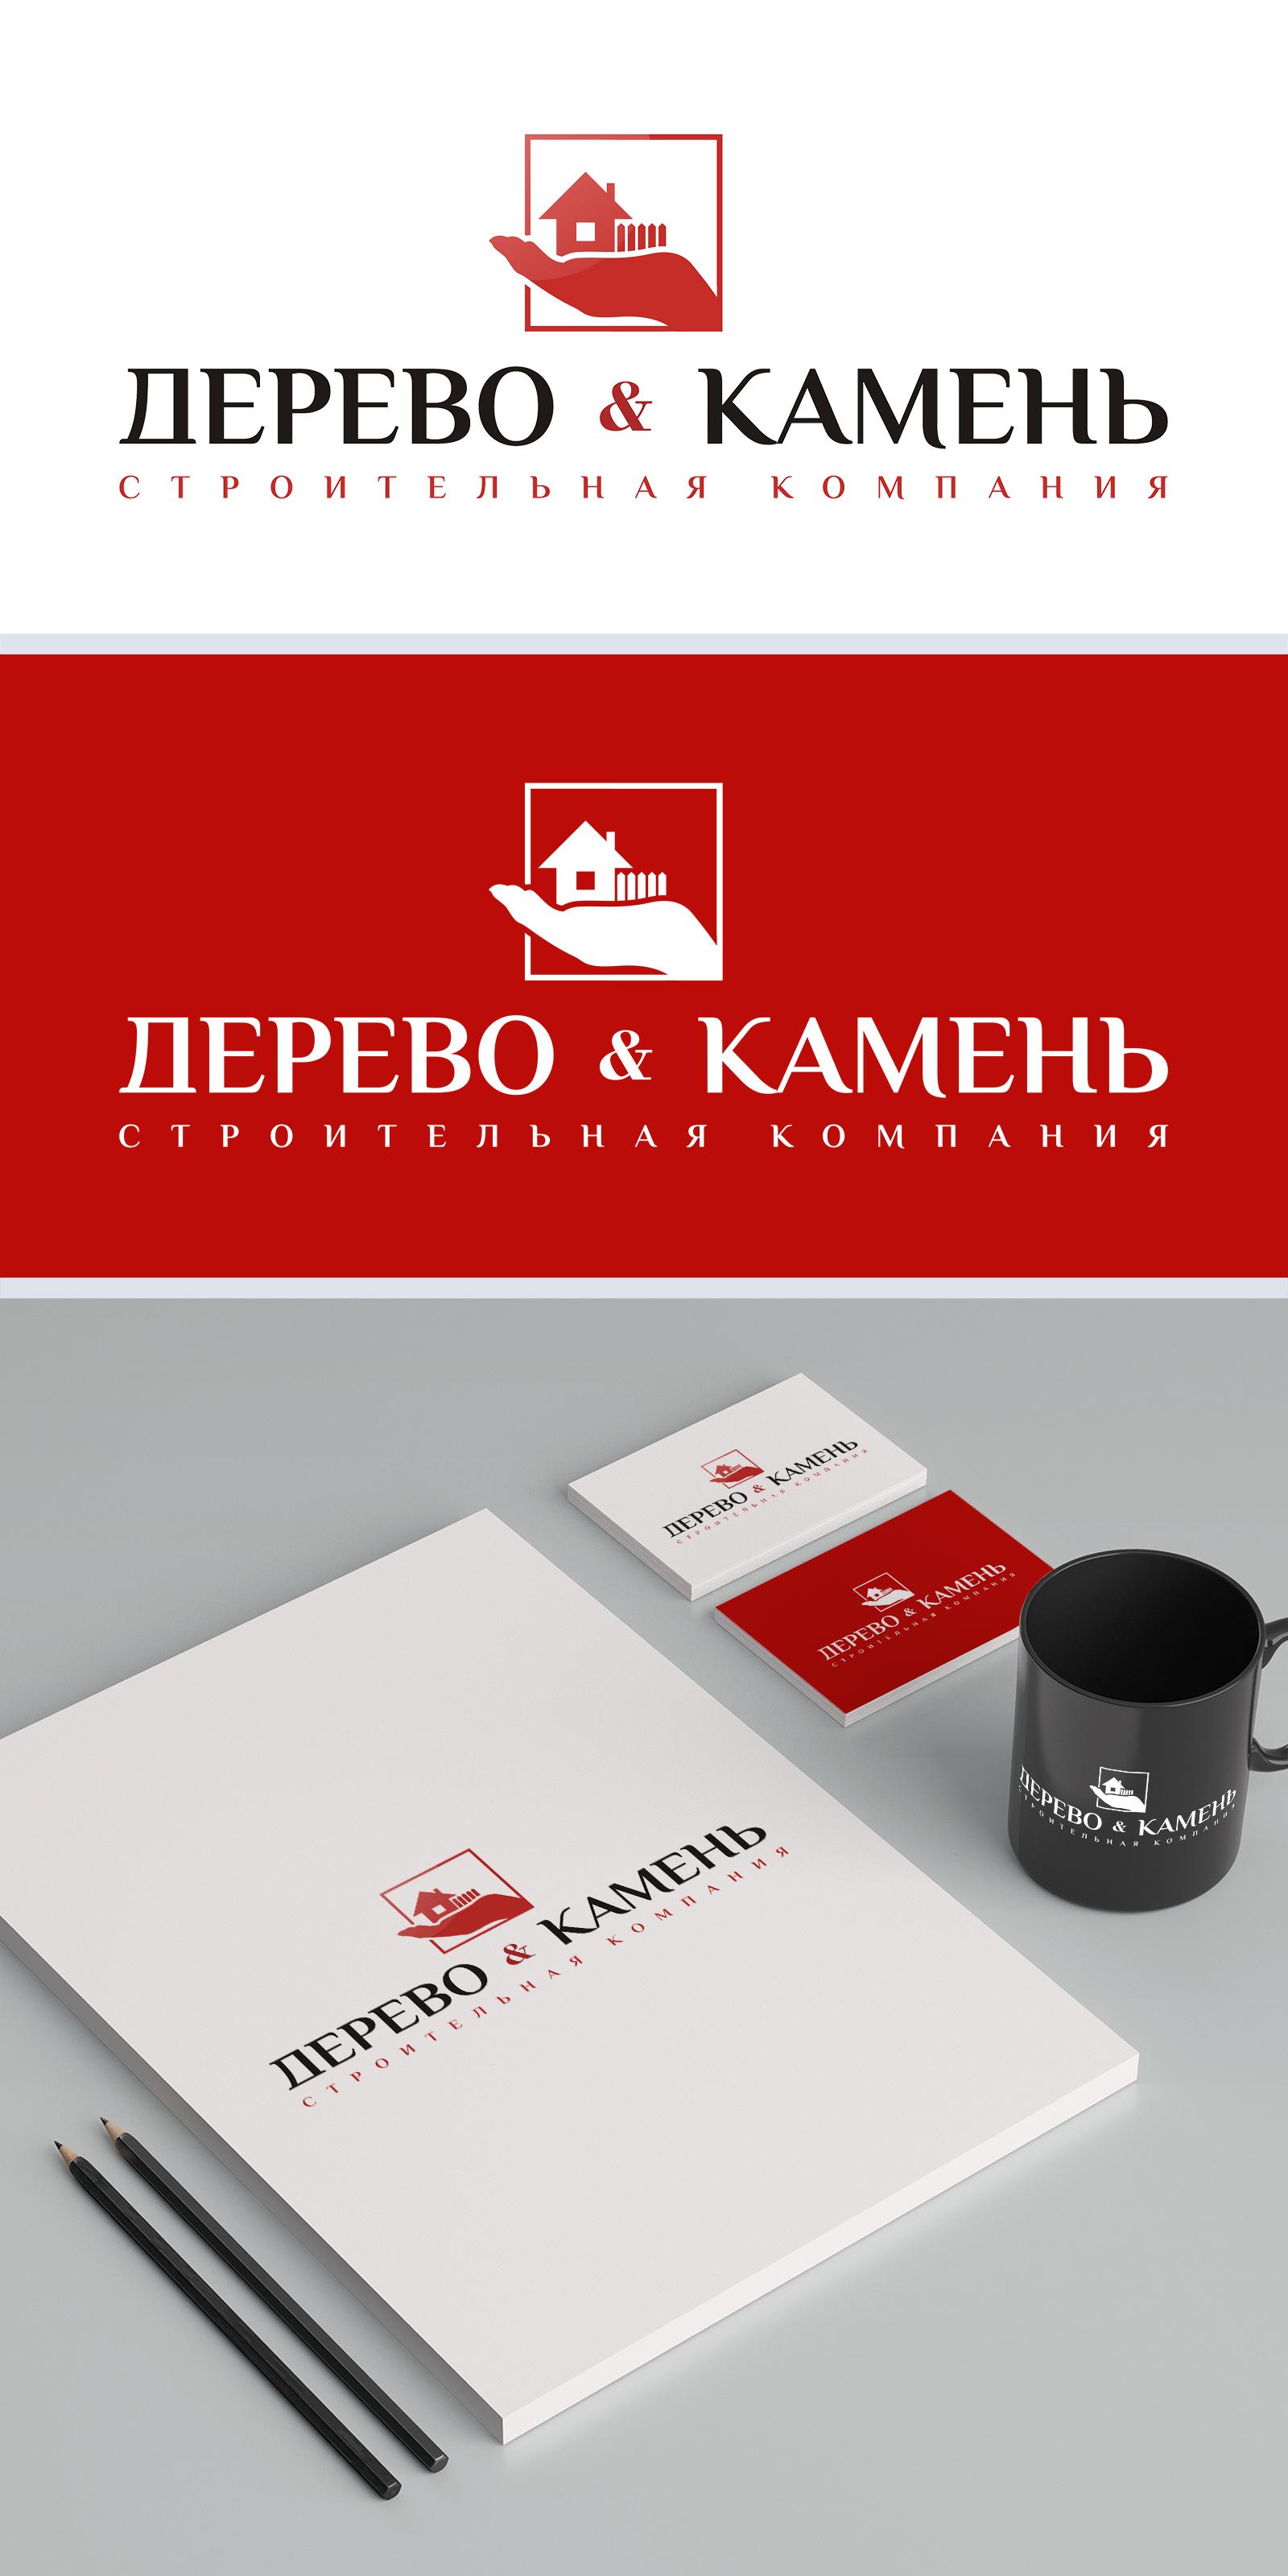 Логотип и Фирменный стиль фото f_49854a7c0c6a47b1.jpg